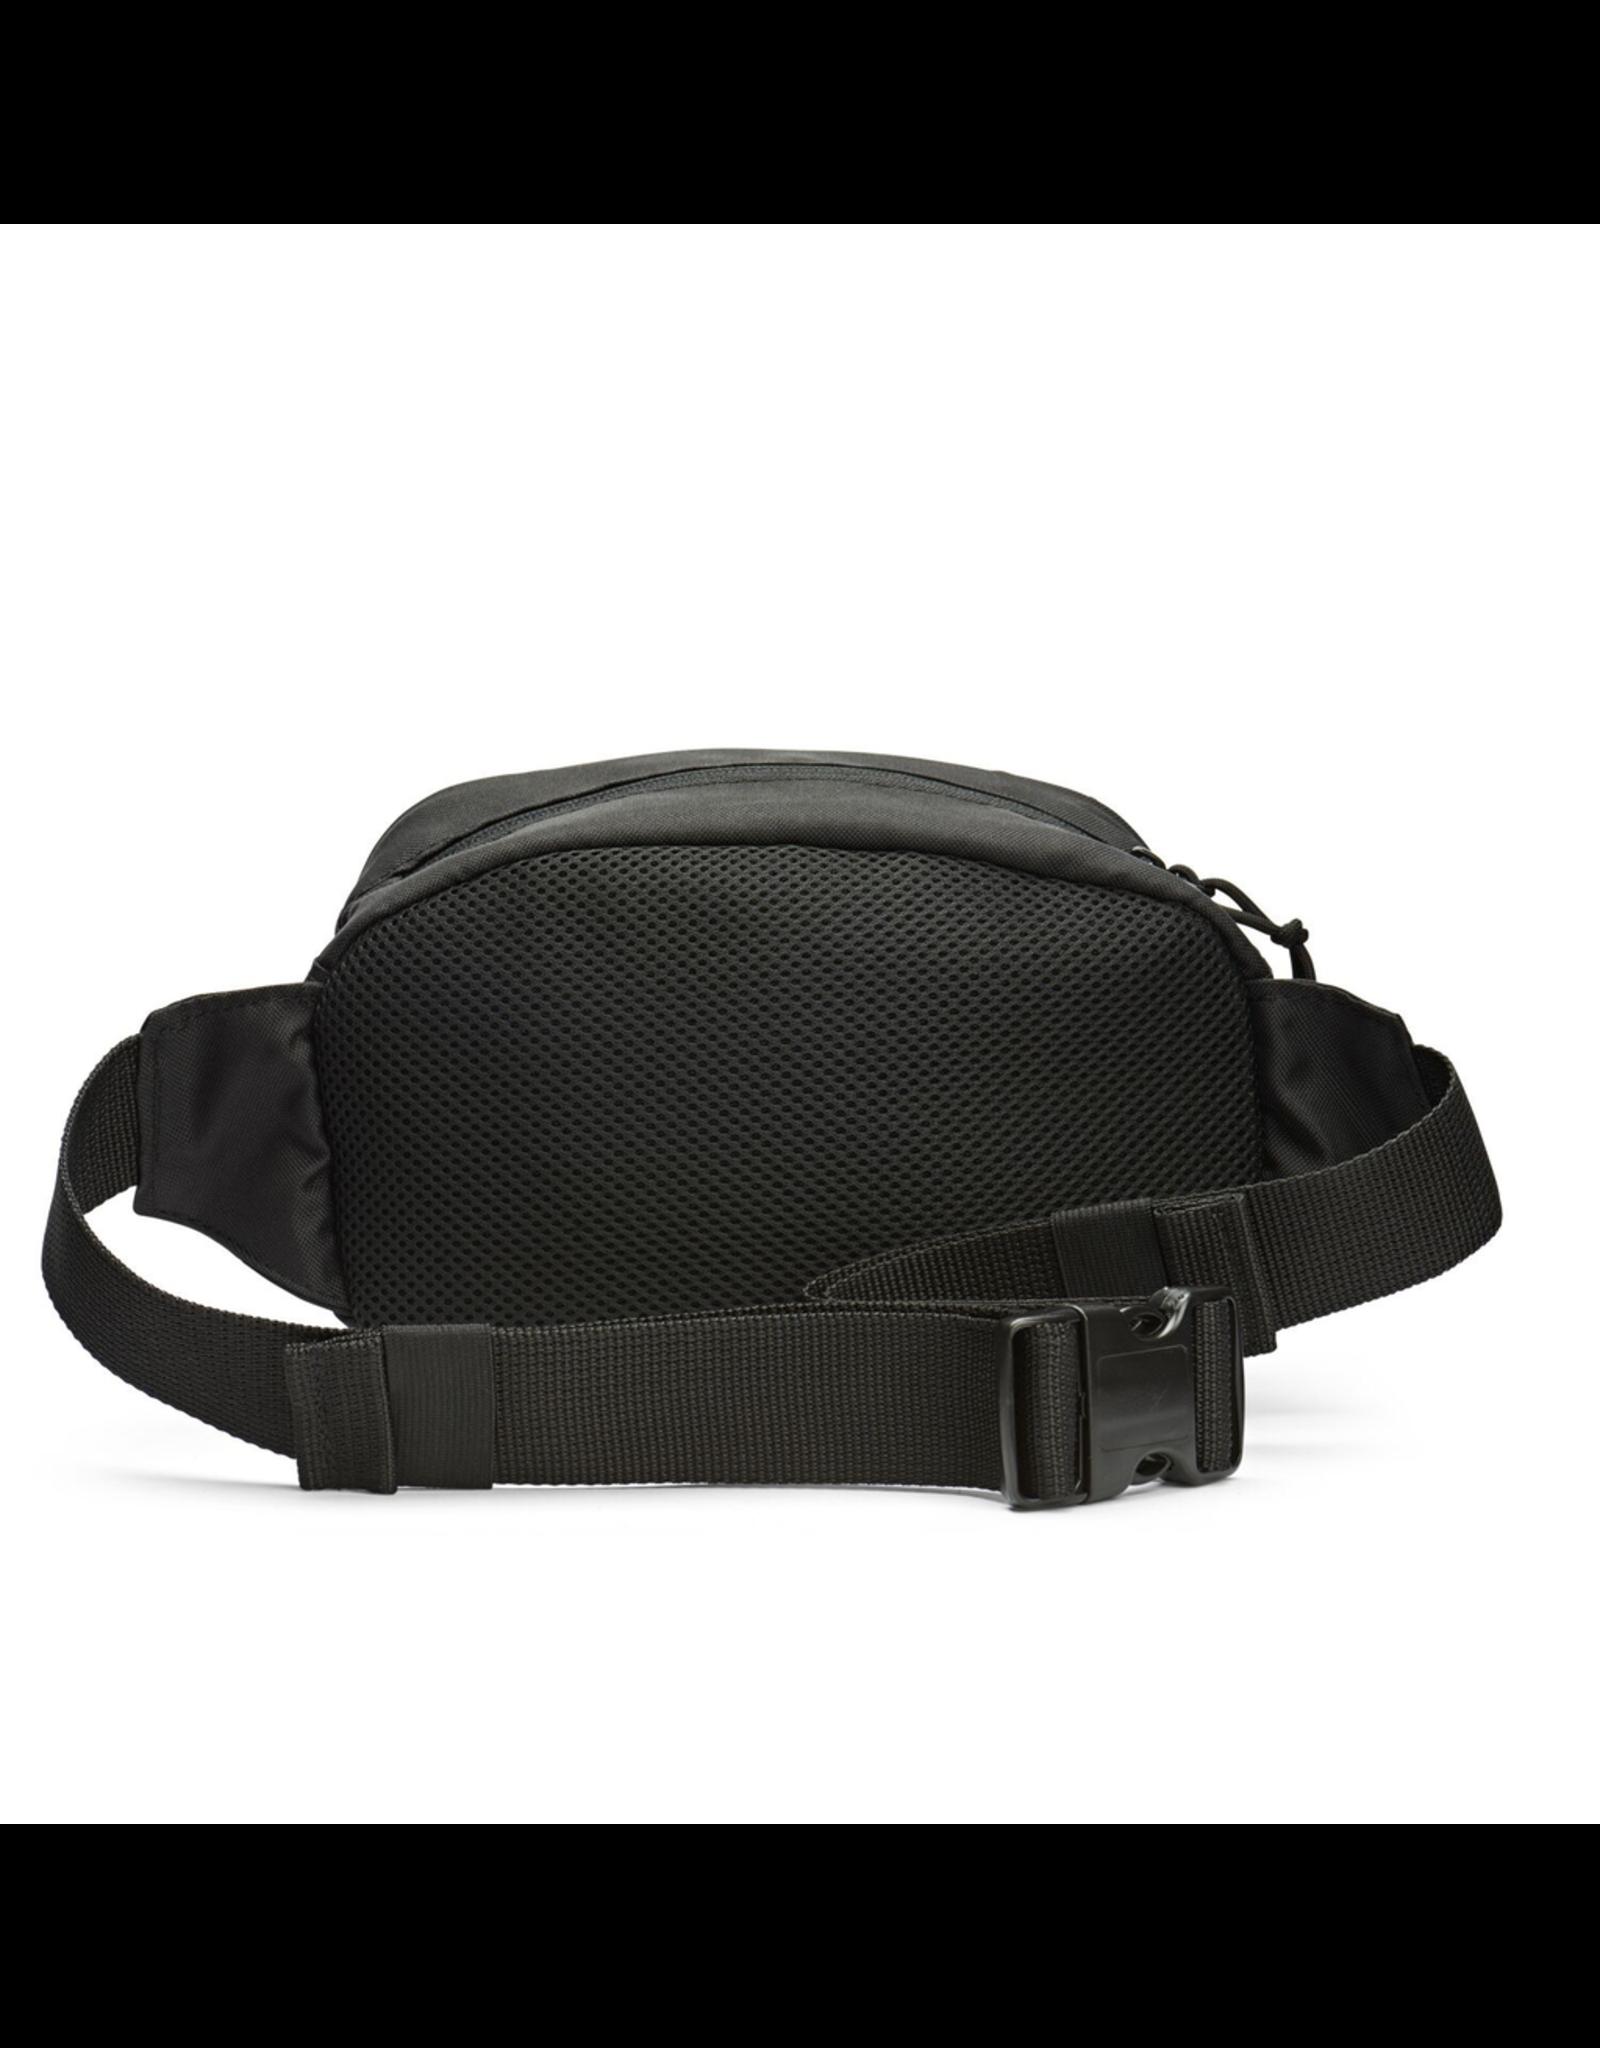 Polar Cordura Hip Bag